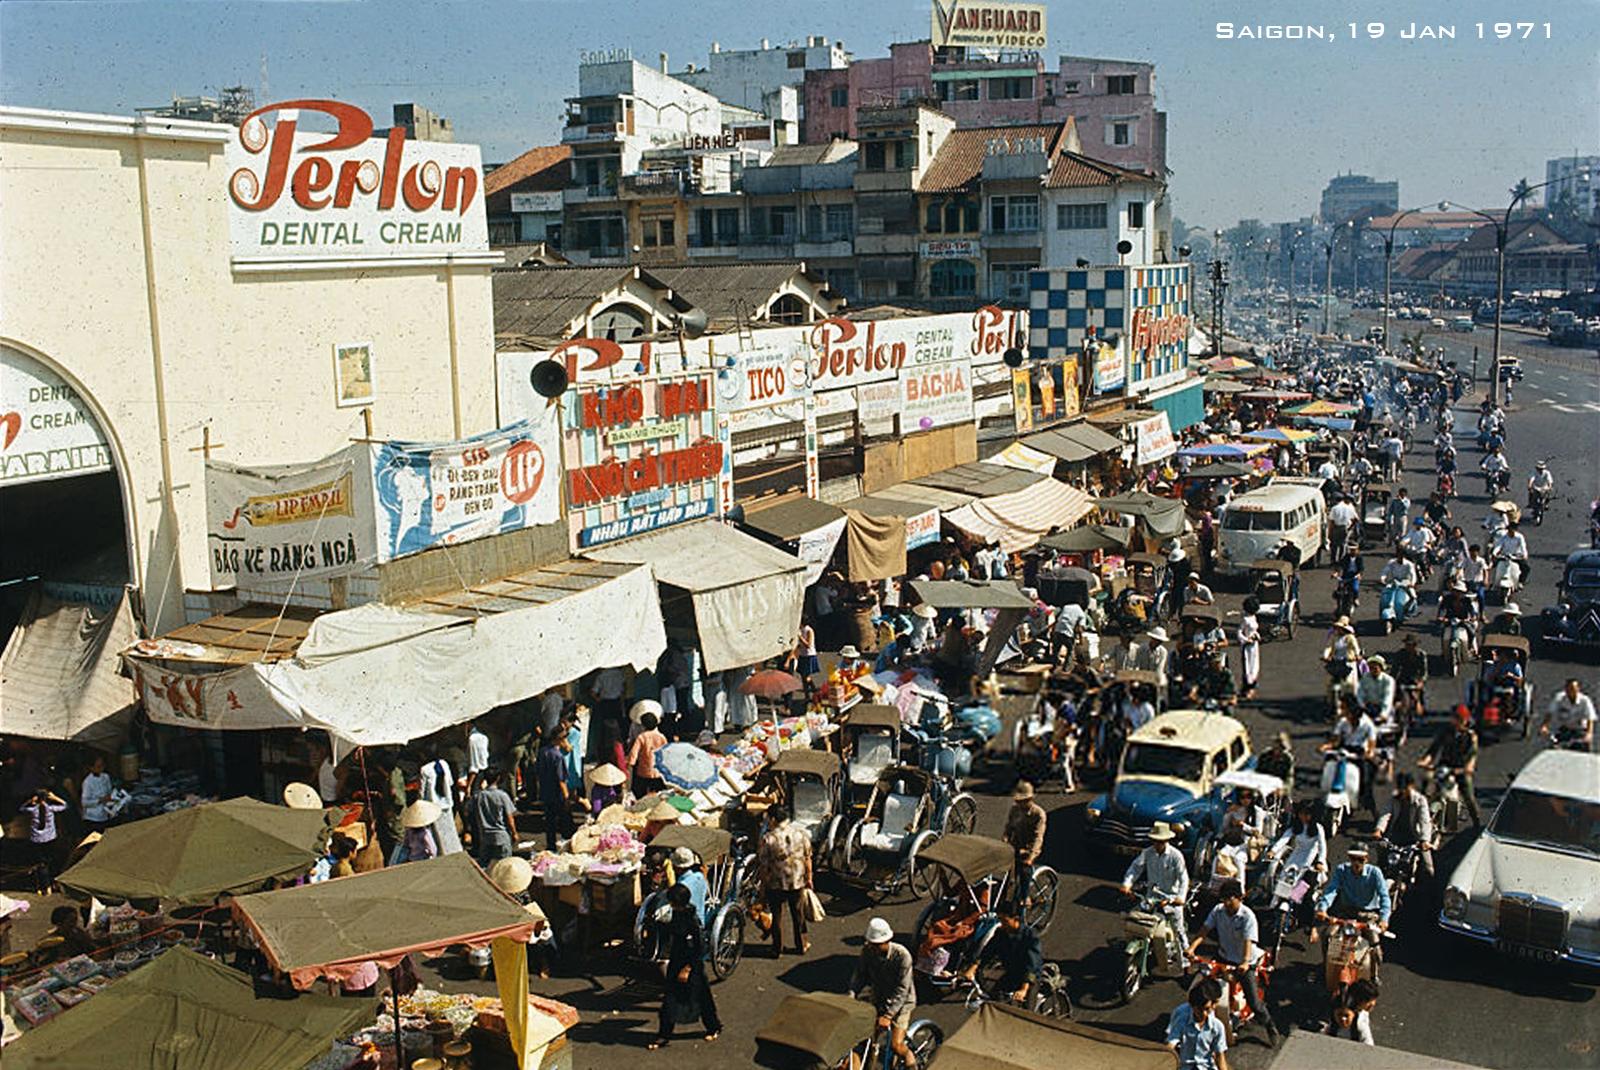 Chợ Tết Sài Gòn Xuân Tân Hợi 1971